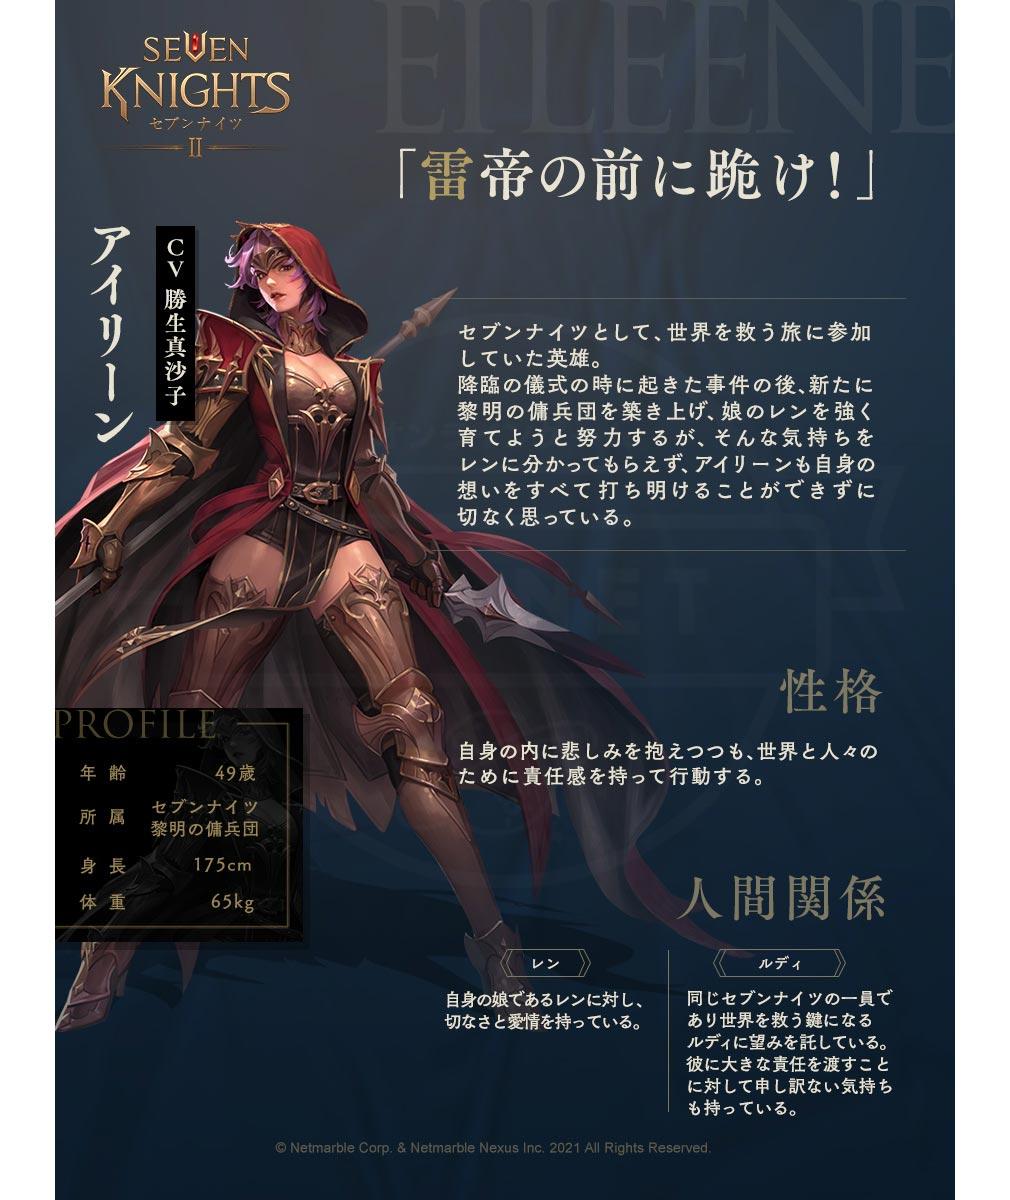 セブンナイツ2(セナ2) 英雄キャラクター『アイリーン』紹介イメージ